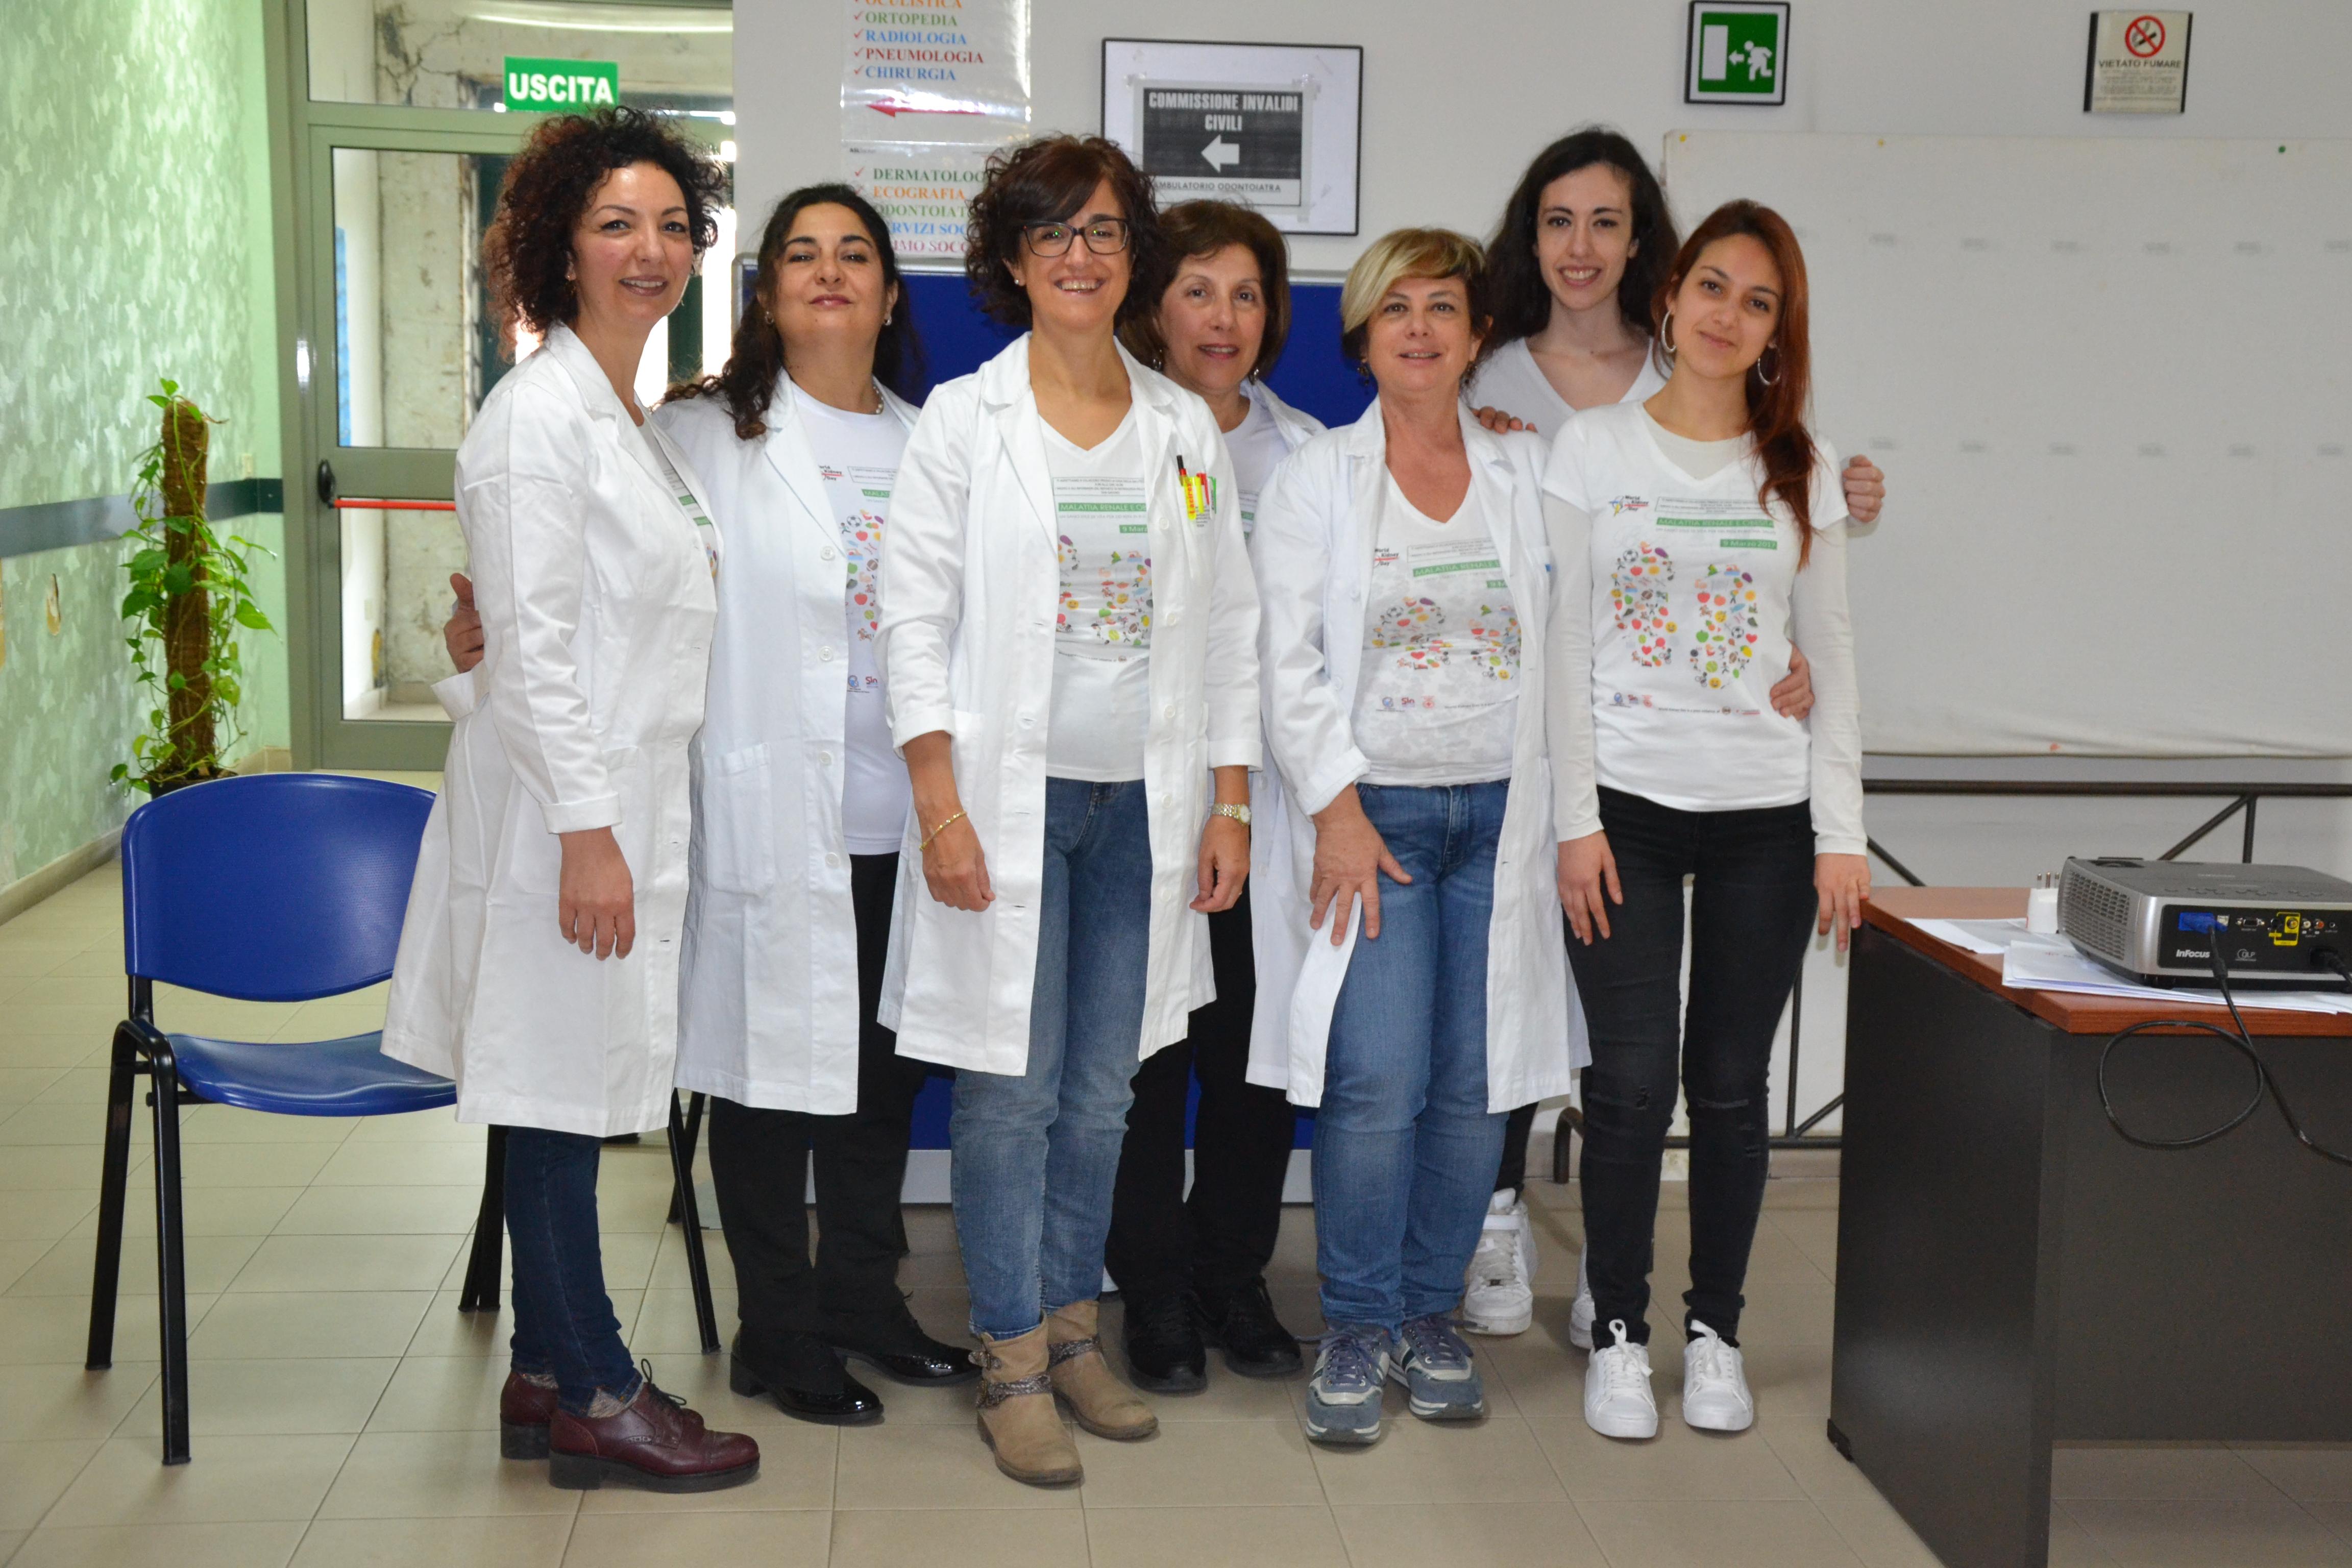 La Giornata Mondiale del Rene con l'Ospedale di San Gavino Monreale